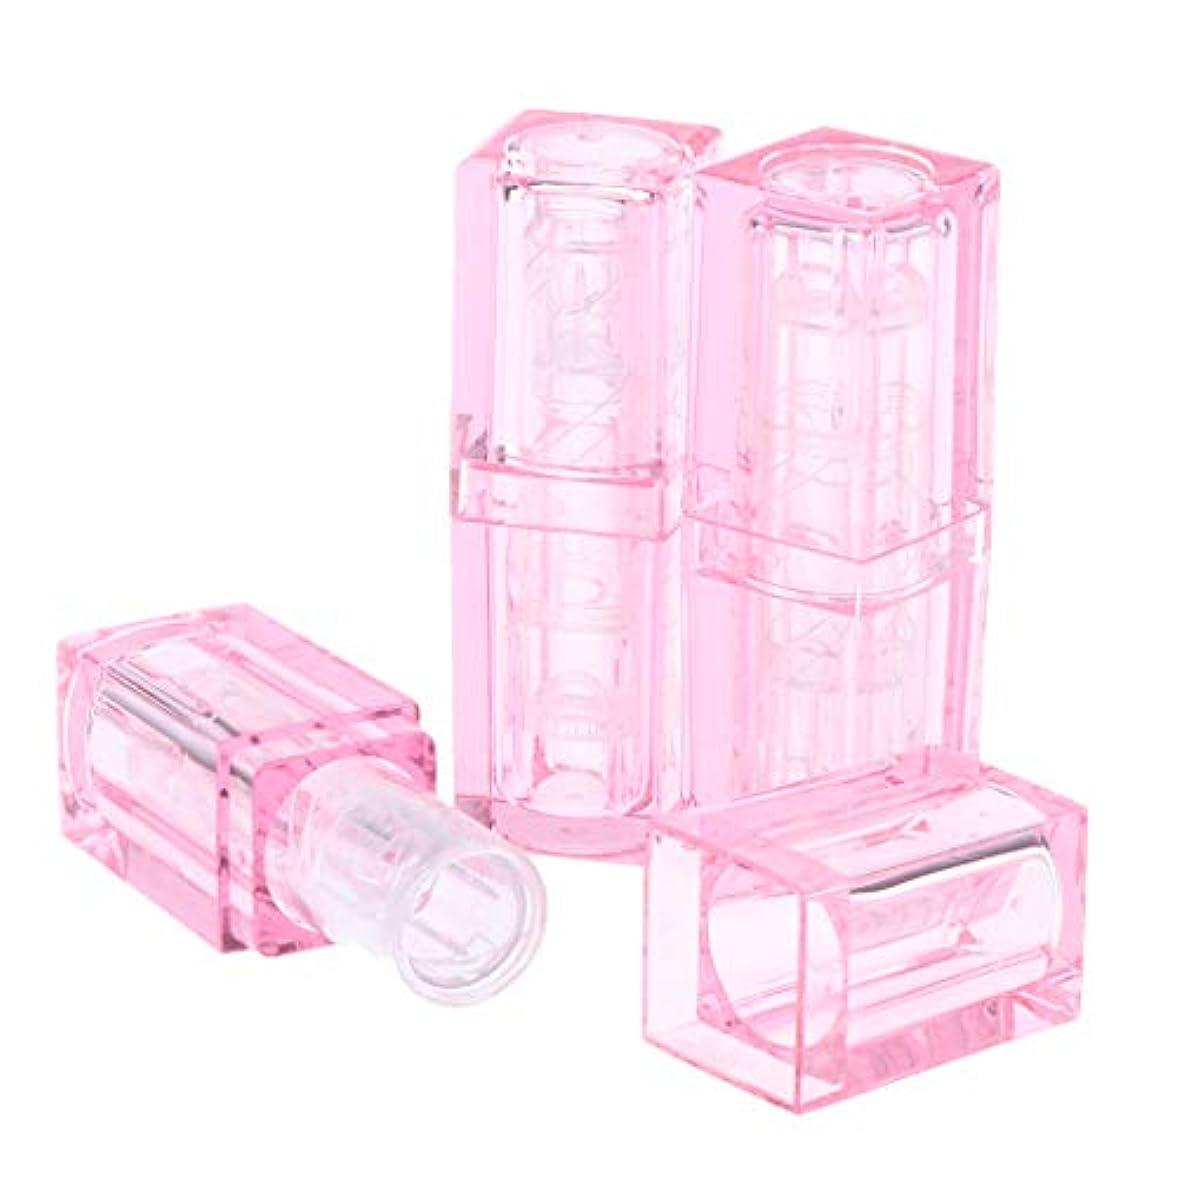 州レプリカ困惑した口紅チュ??ーブ リップバームチューブ クリア リップクリームチューブ 口紅ボトル 2色選べ - ピンク